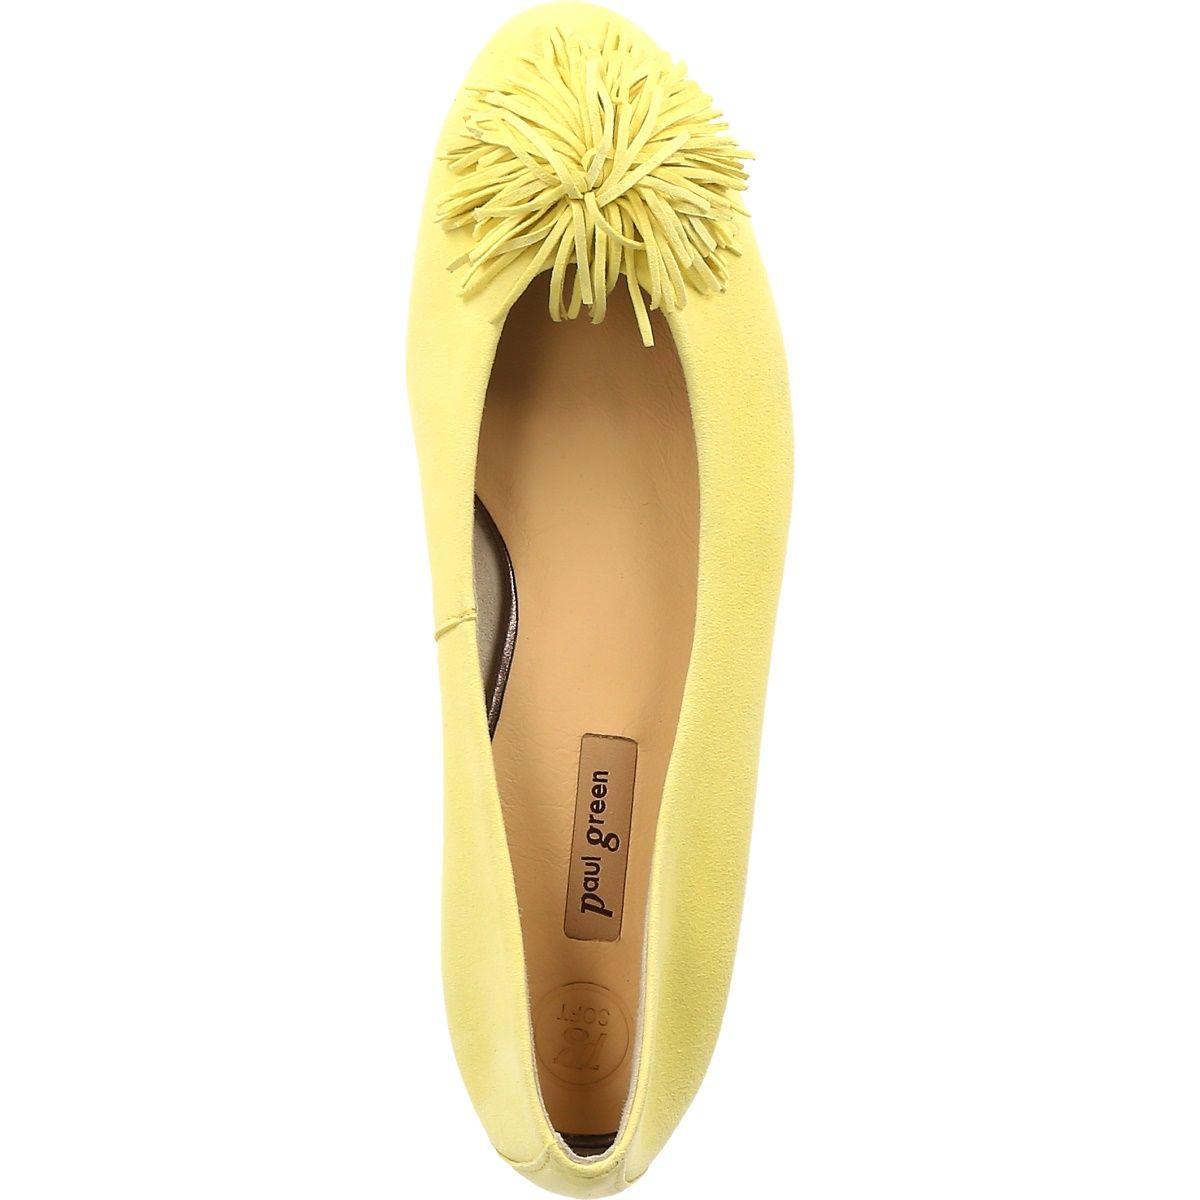 Ballerinas in yellow 2409 084 Buy in Paul Green Online Shop